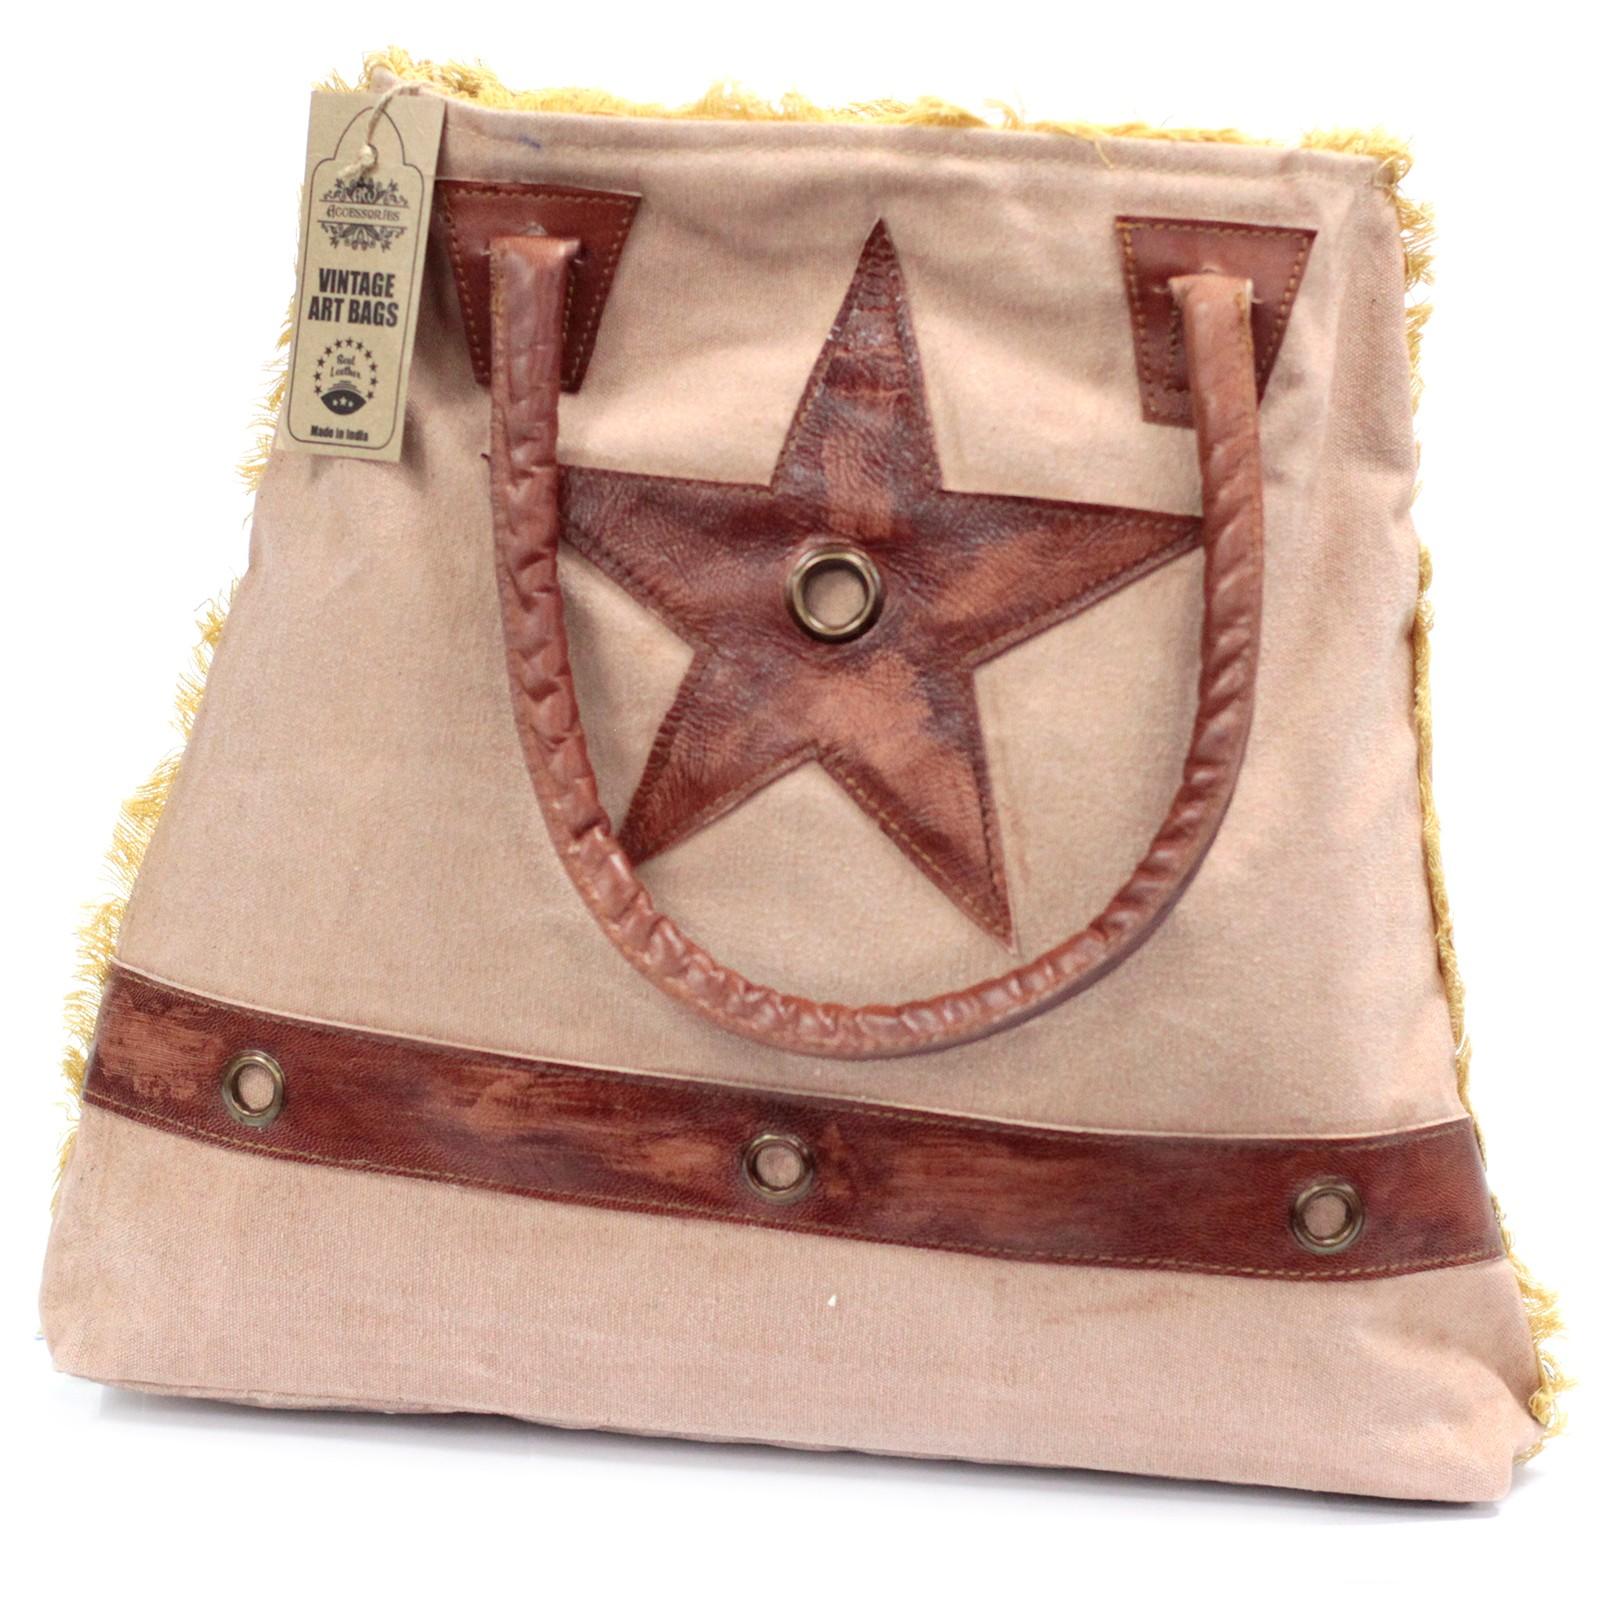 Vintage Bag - Big Star